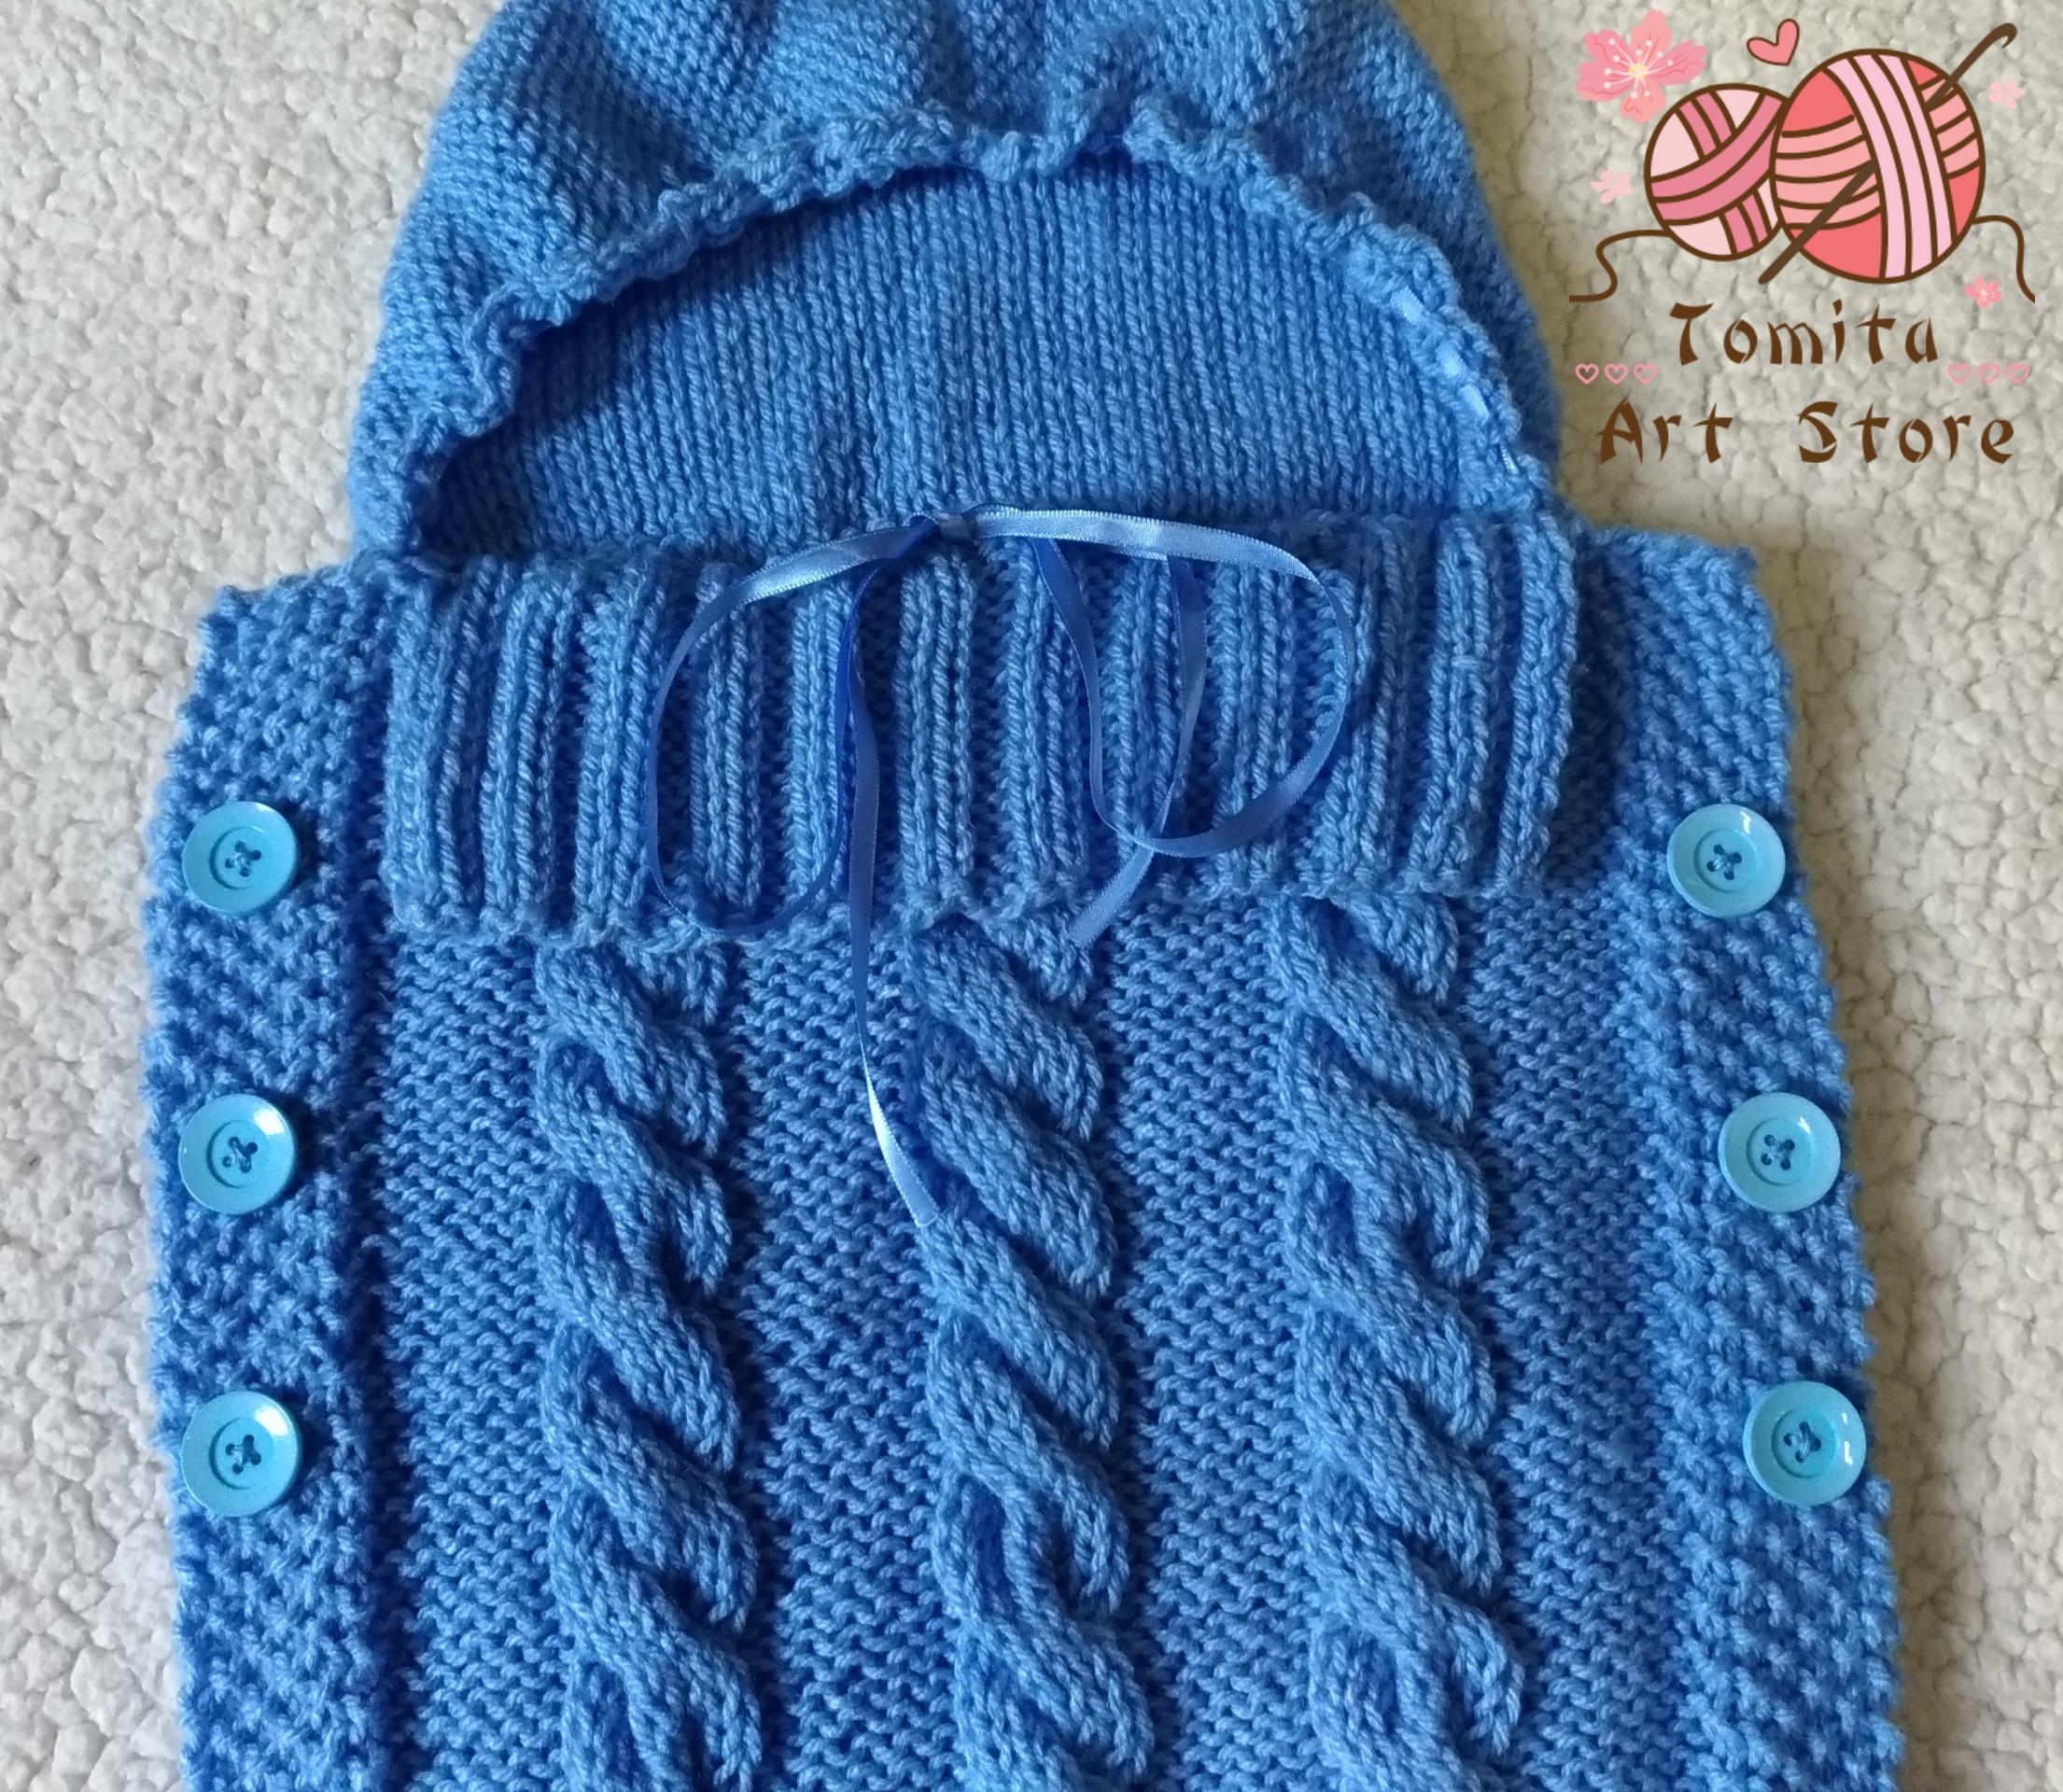 967f639f4899 Saco de dormir para bebê em tricô no Elo7 | Tomita Art Store (D7B53B)